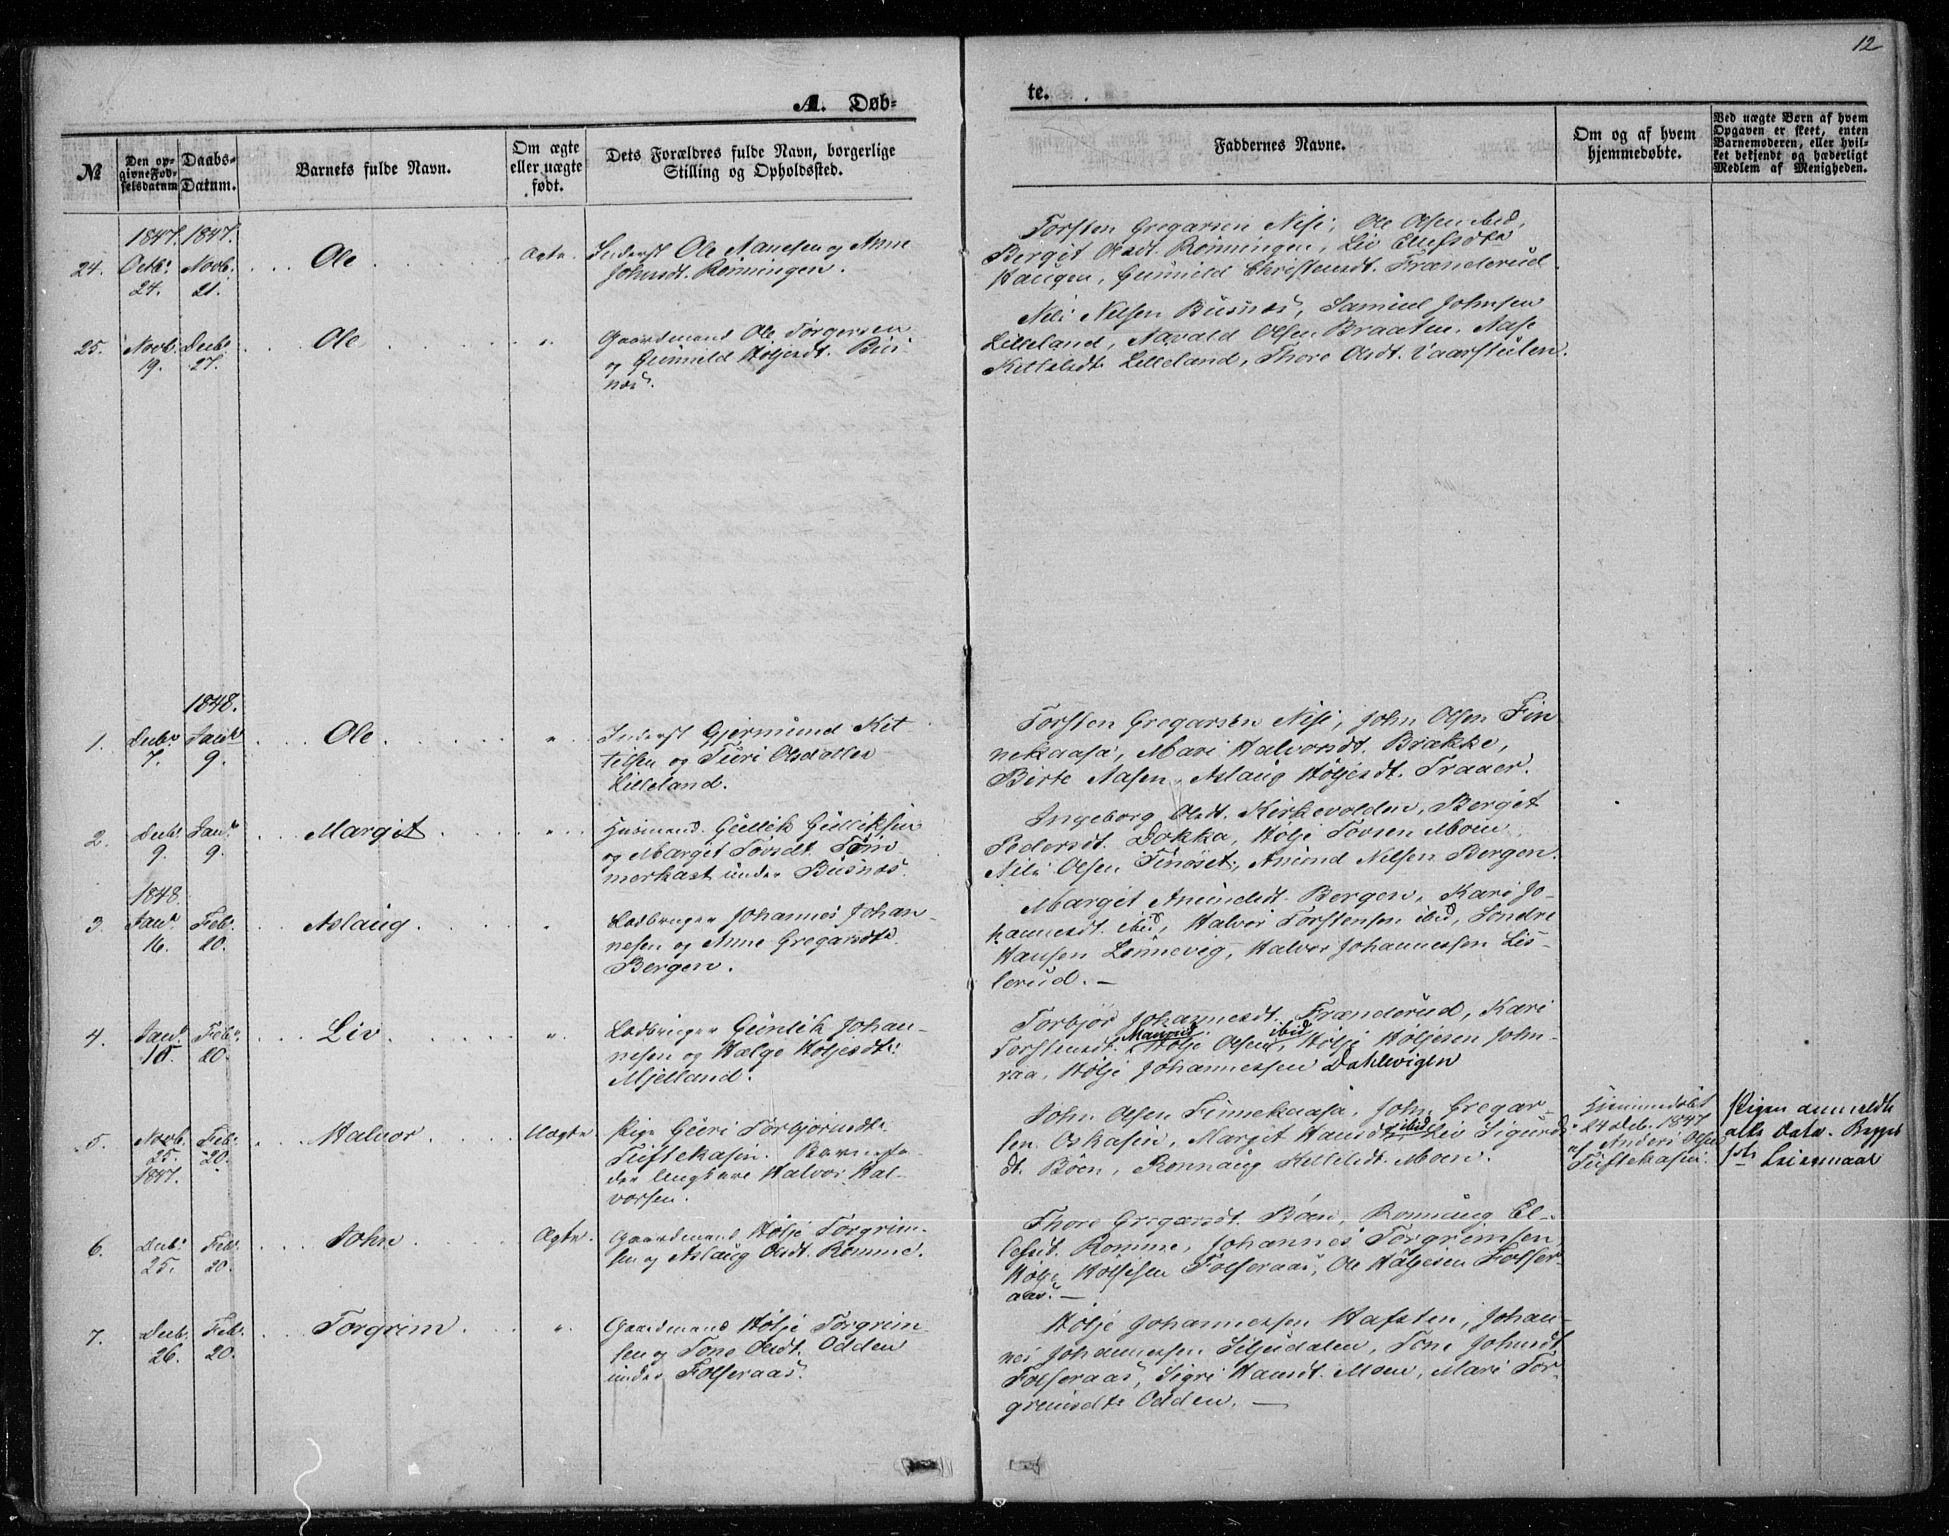 SAKO, Gransherad kirkebøker, F/Fa/L0002: Ministerialbok nr. I 2, 1844-1859, s. 12